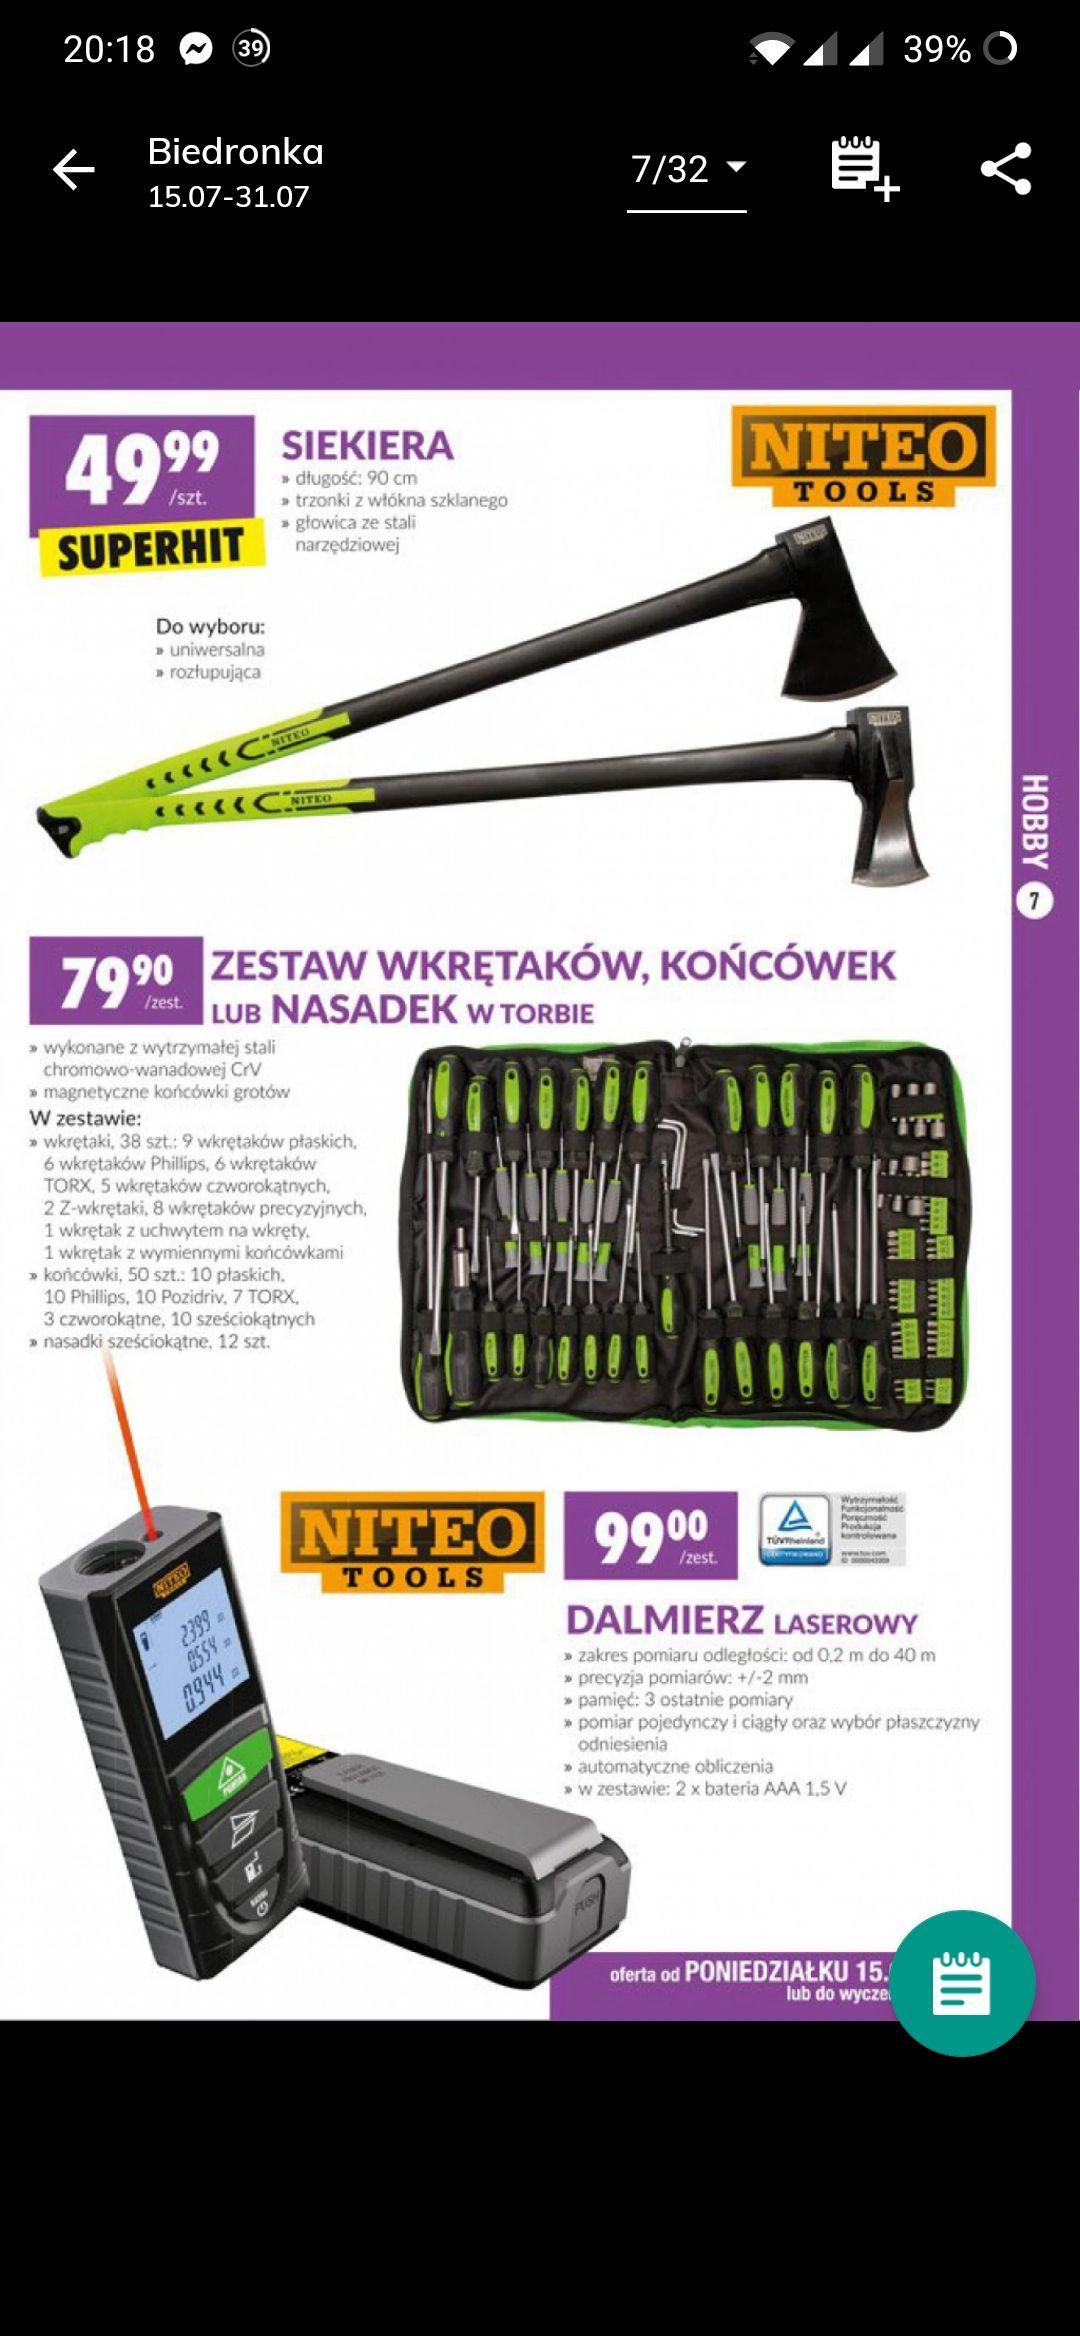 Siekiera marki Niteo Tools klasyczna oraz rozłpująca.